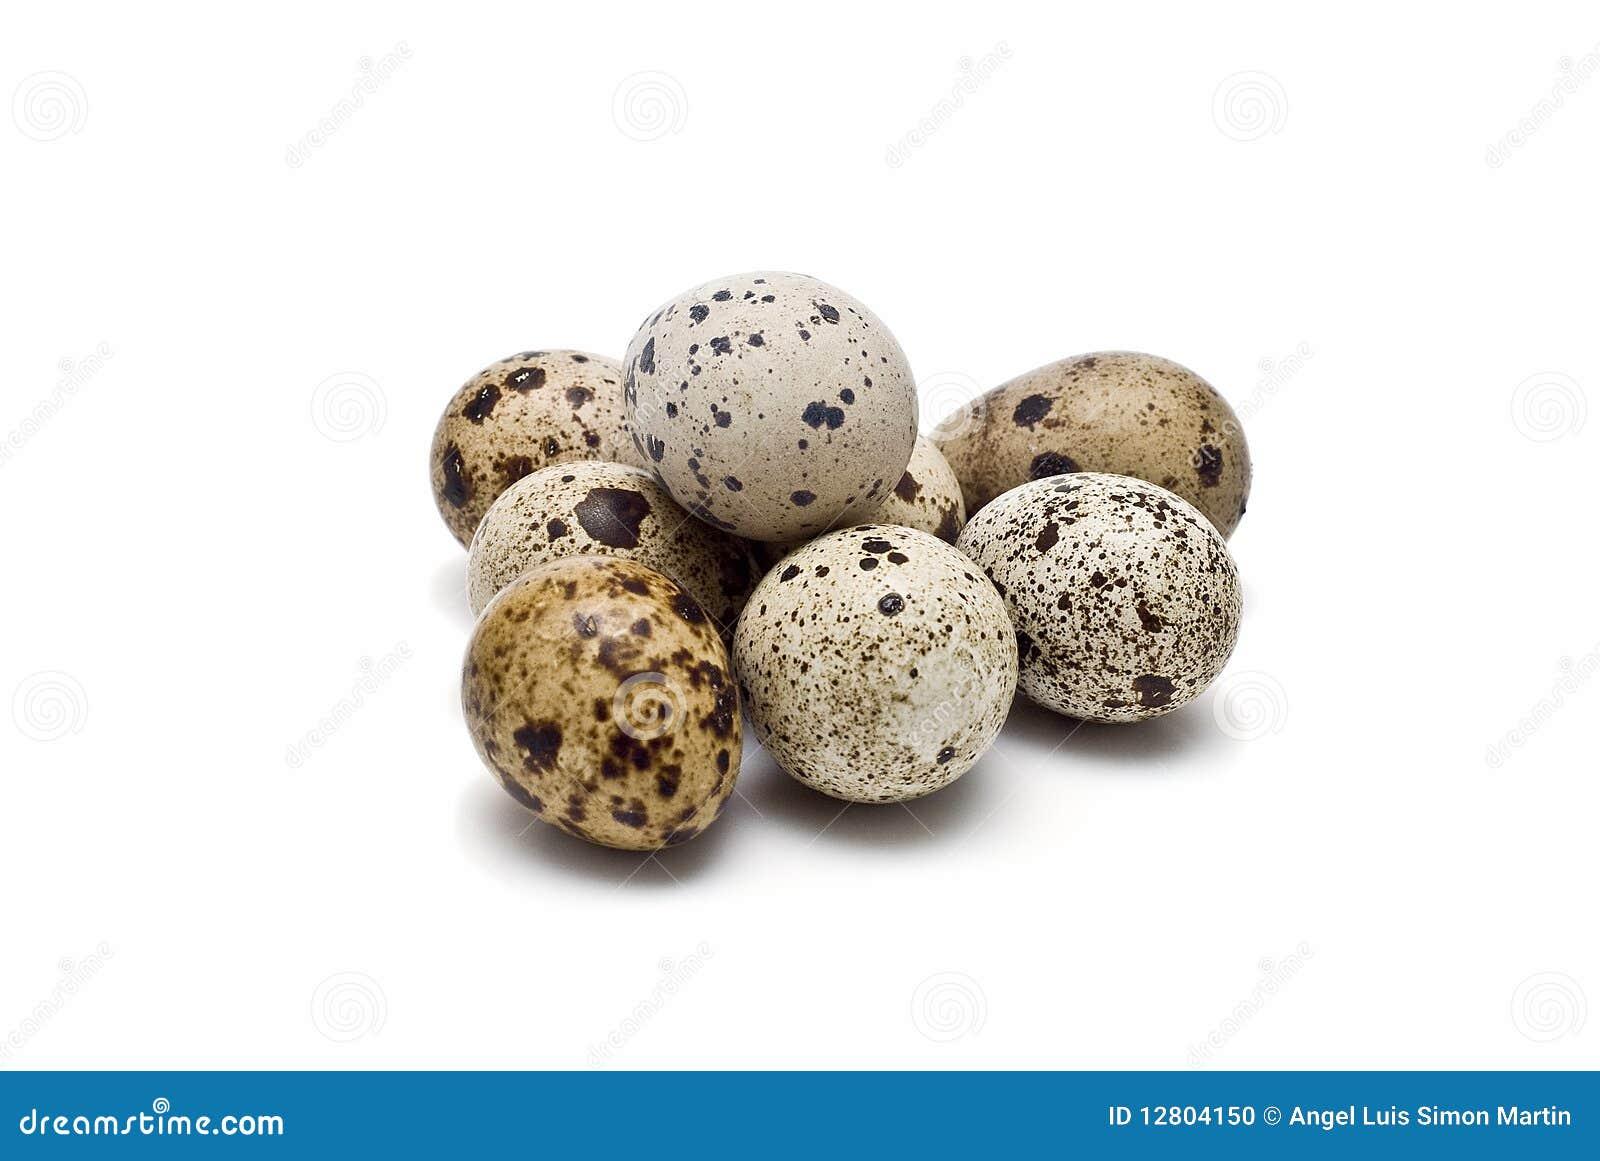 Ovos frescos das codorniz.